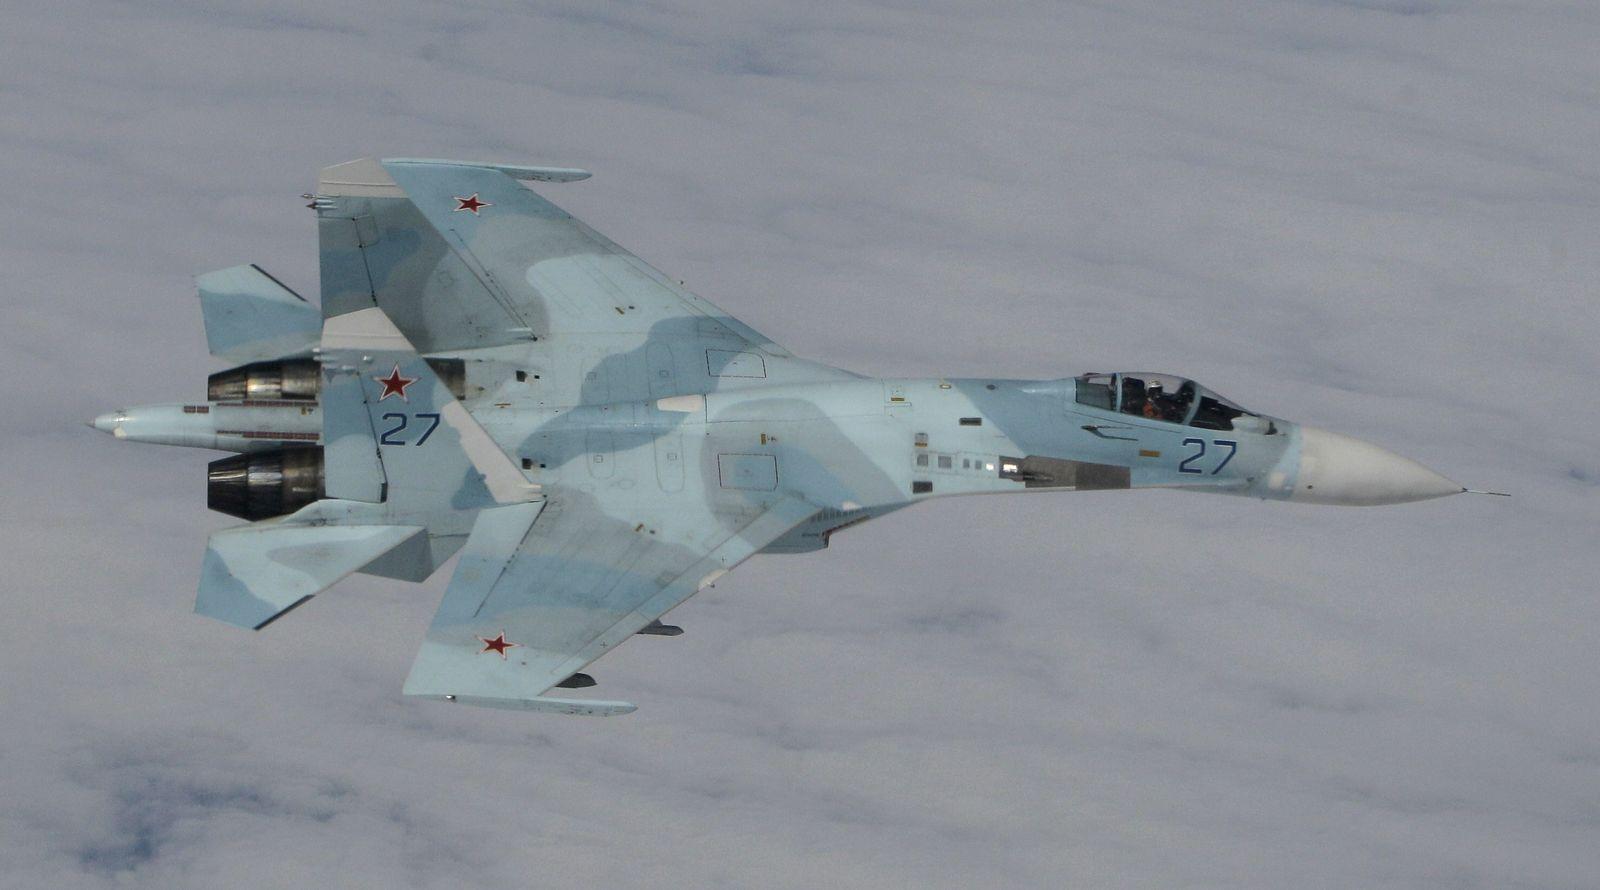 Russian Su-27